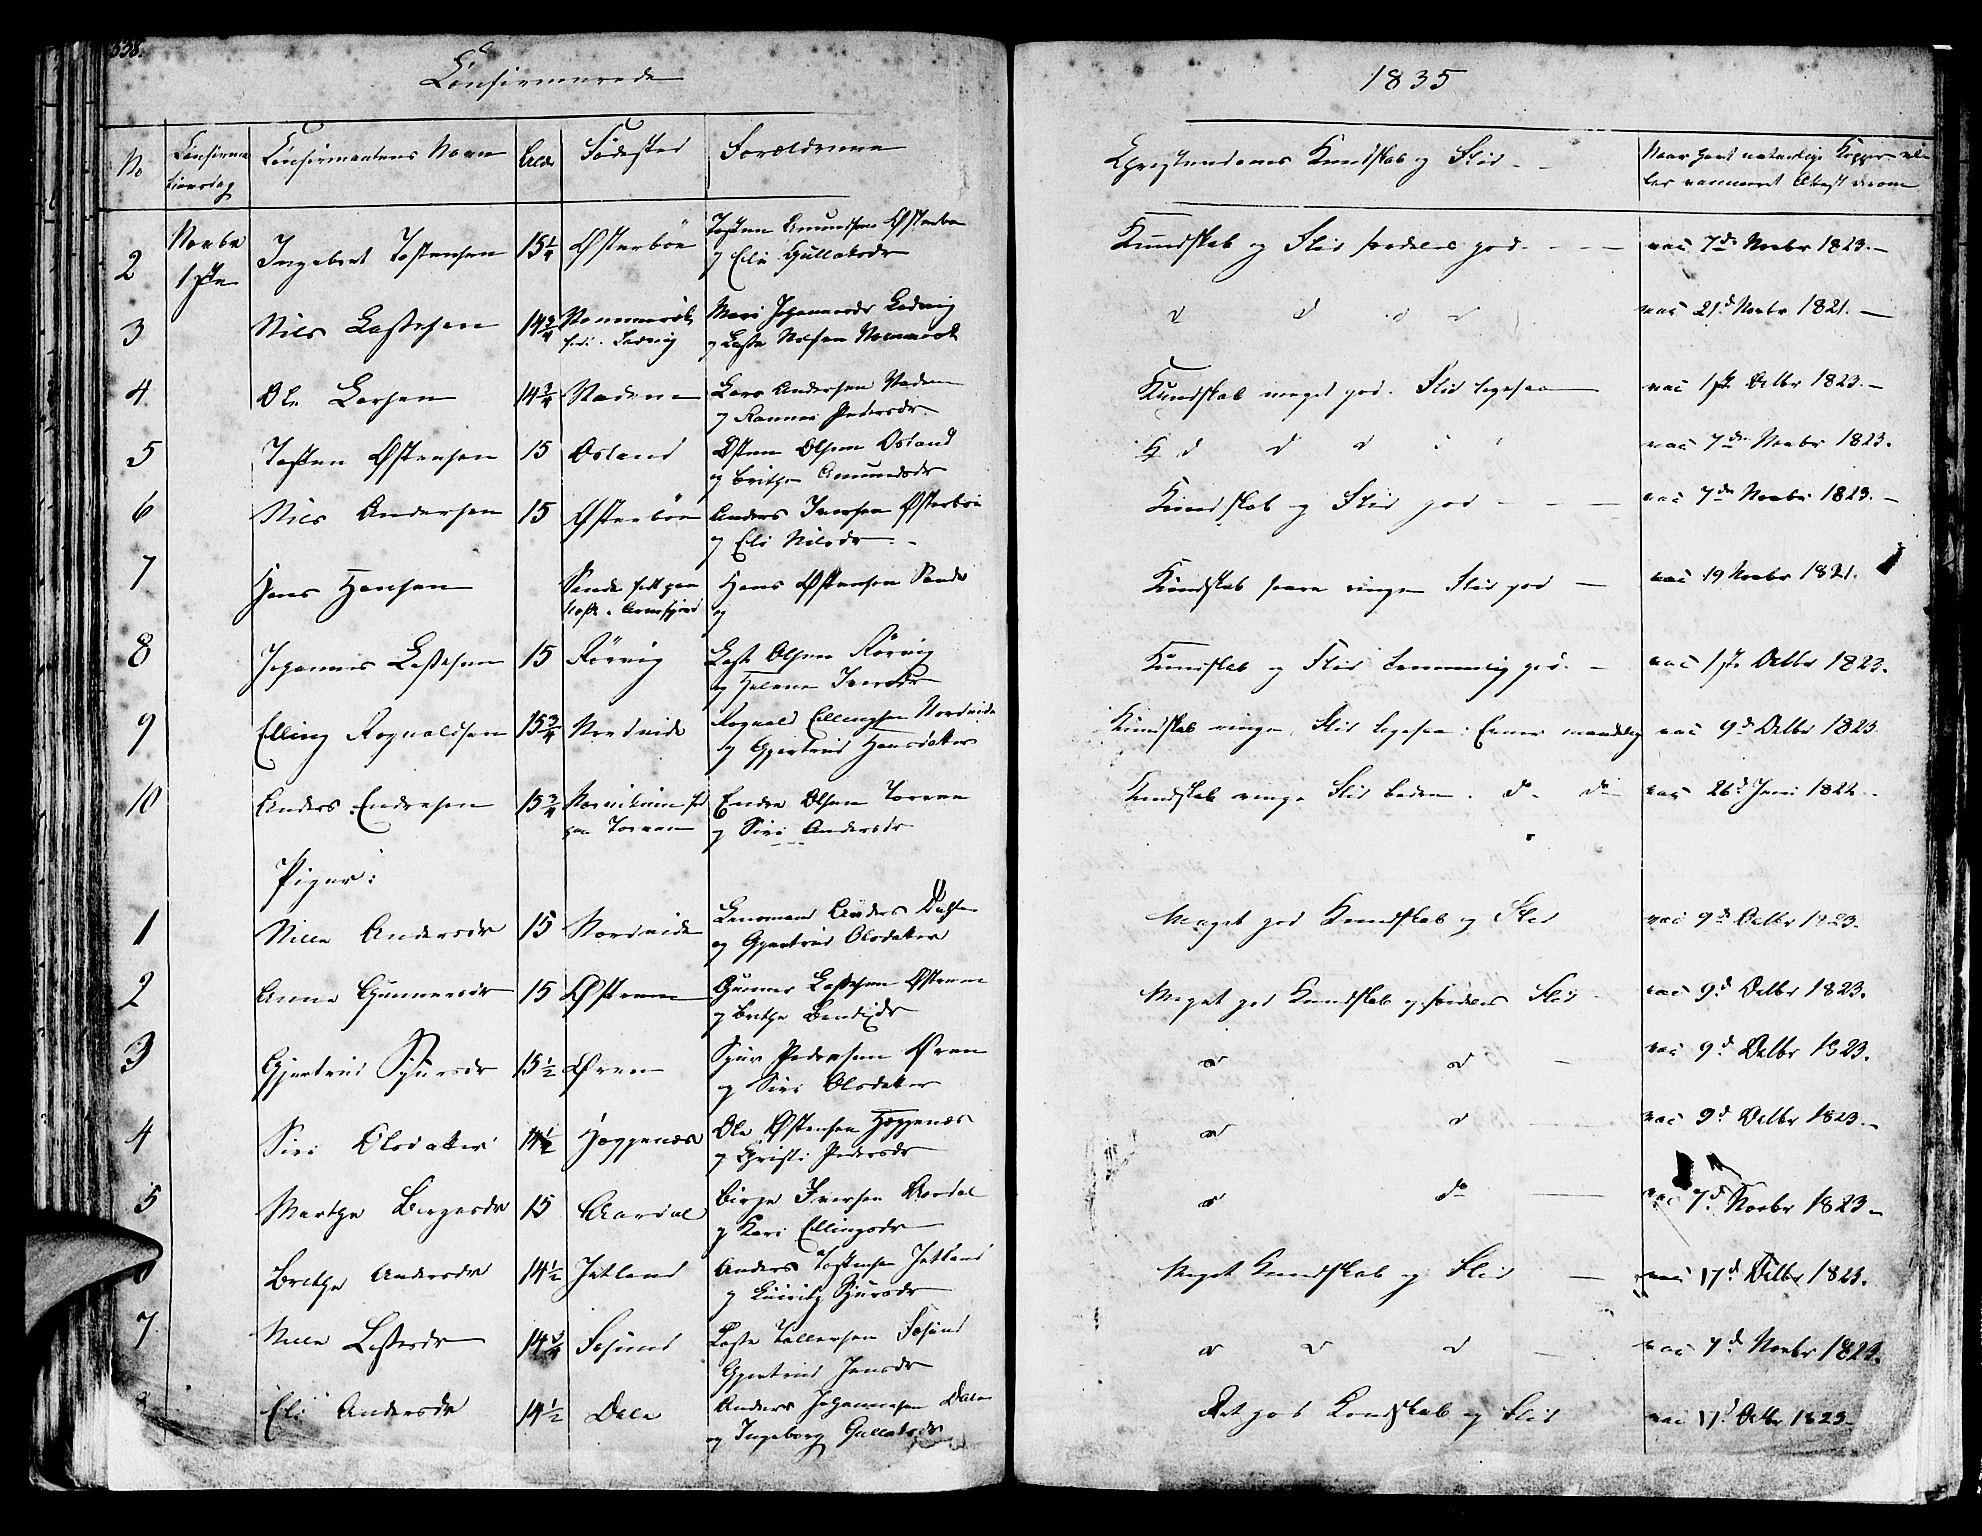 SAB, Lavik sokneprestembete, Ministerialbok nr. A 2I, 1821-1842, s. 338